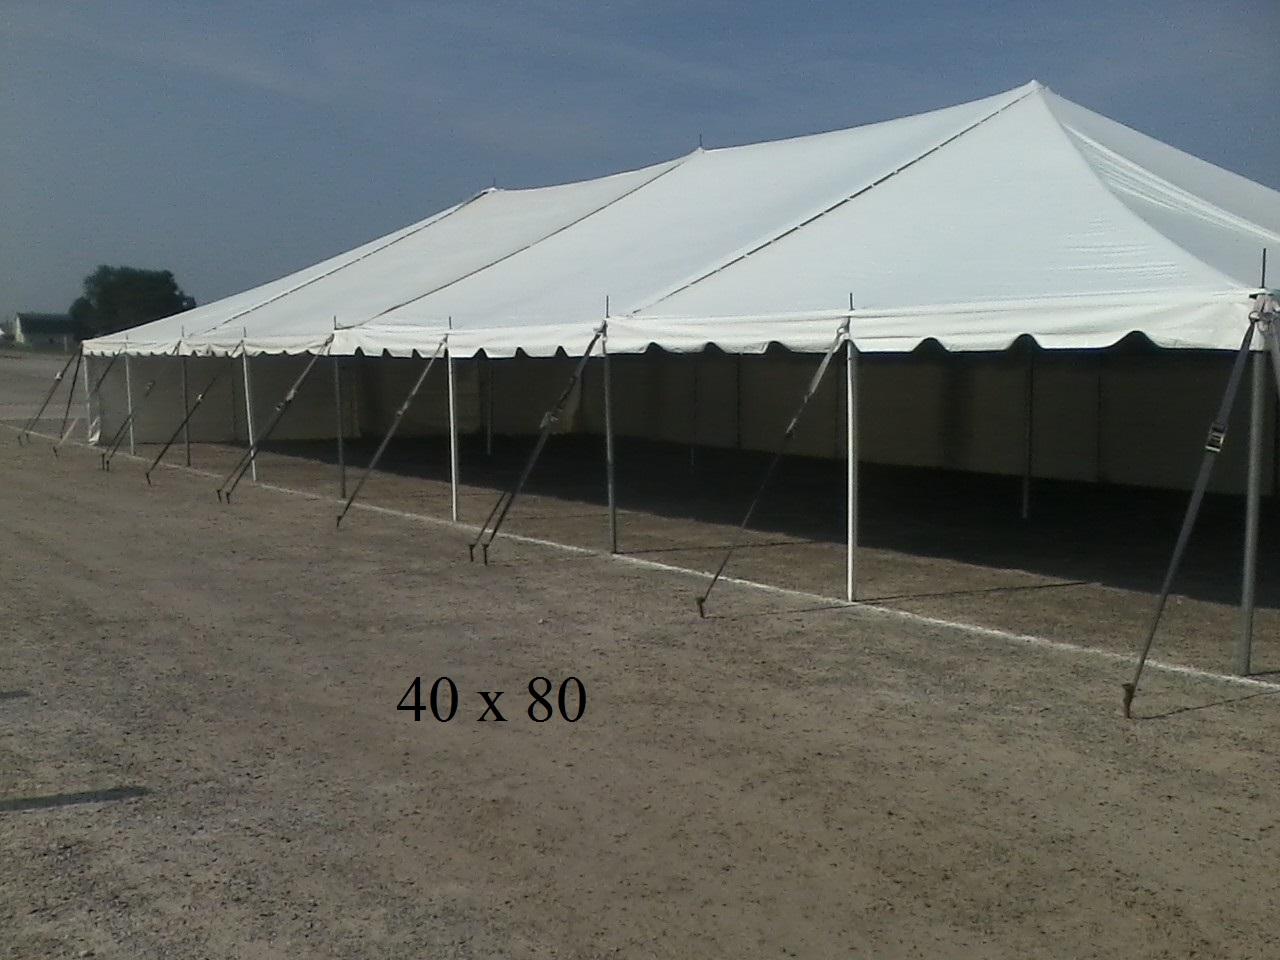 40 215 80 Rental Tent Elkhart County Indiana New Paris Tent